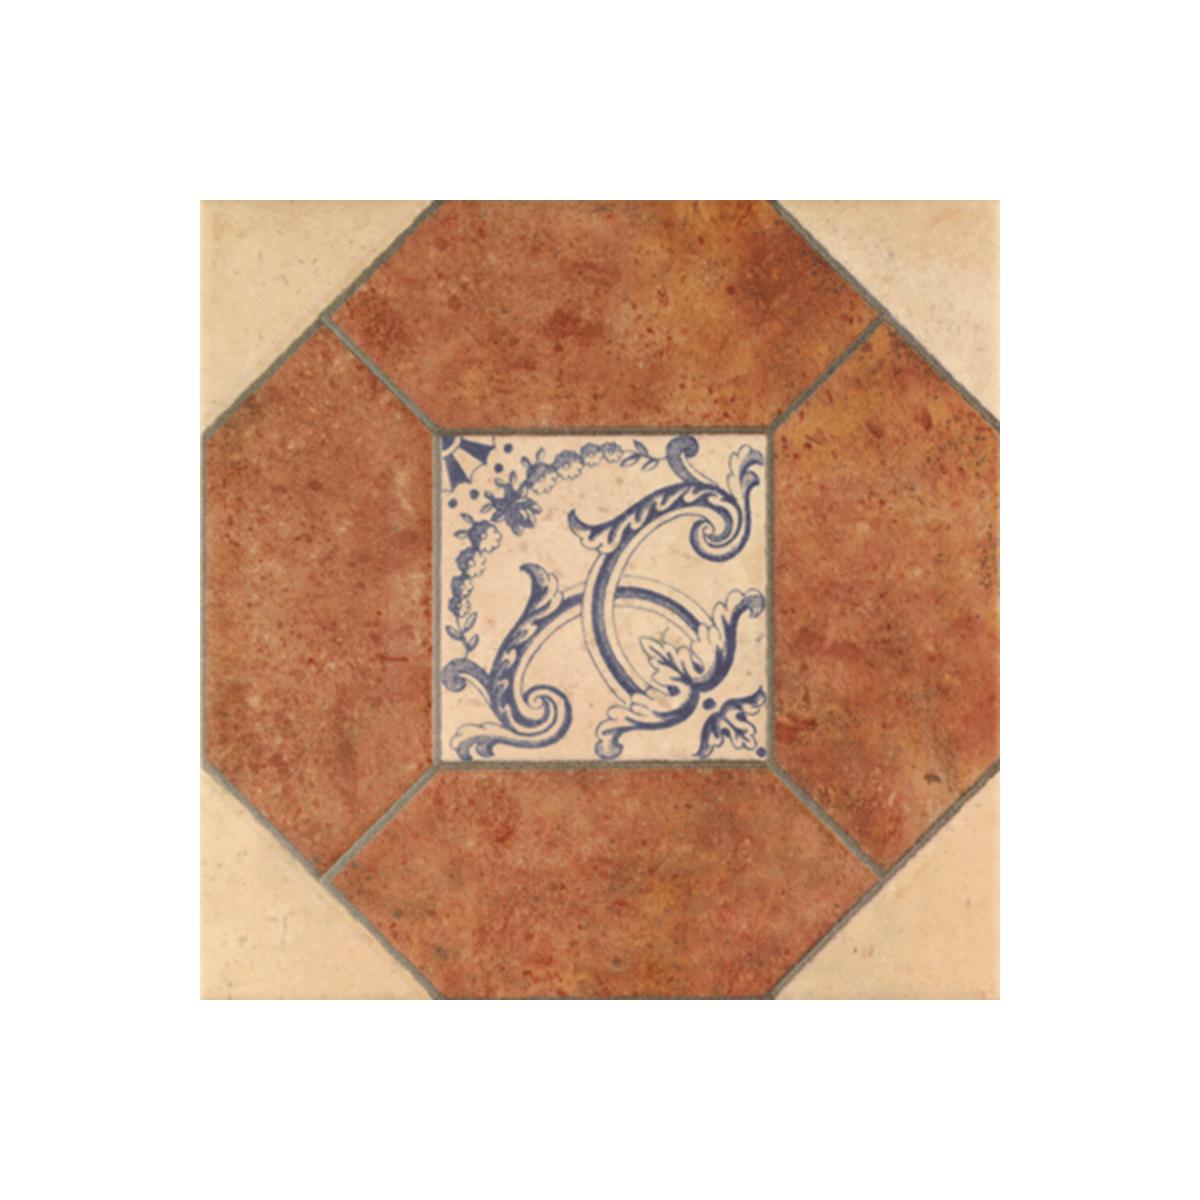 Olhambrillas Barro 20x20 (caja 1 m2) Serie Barro